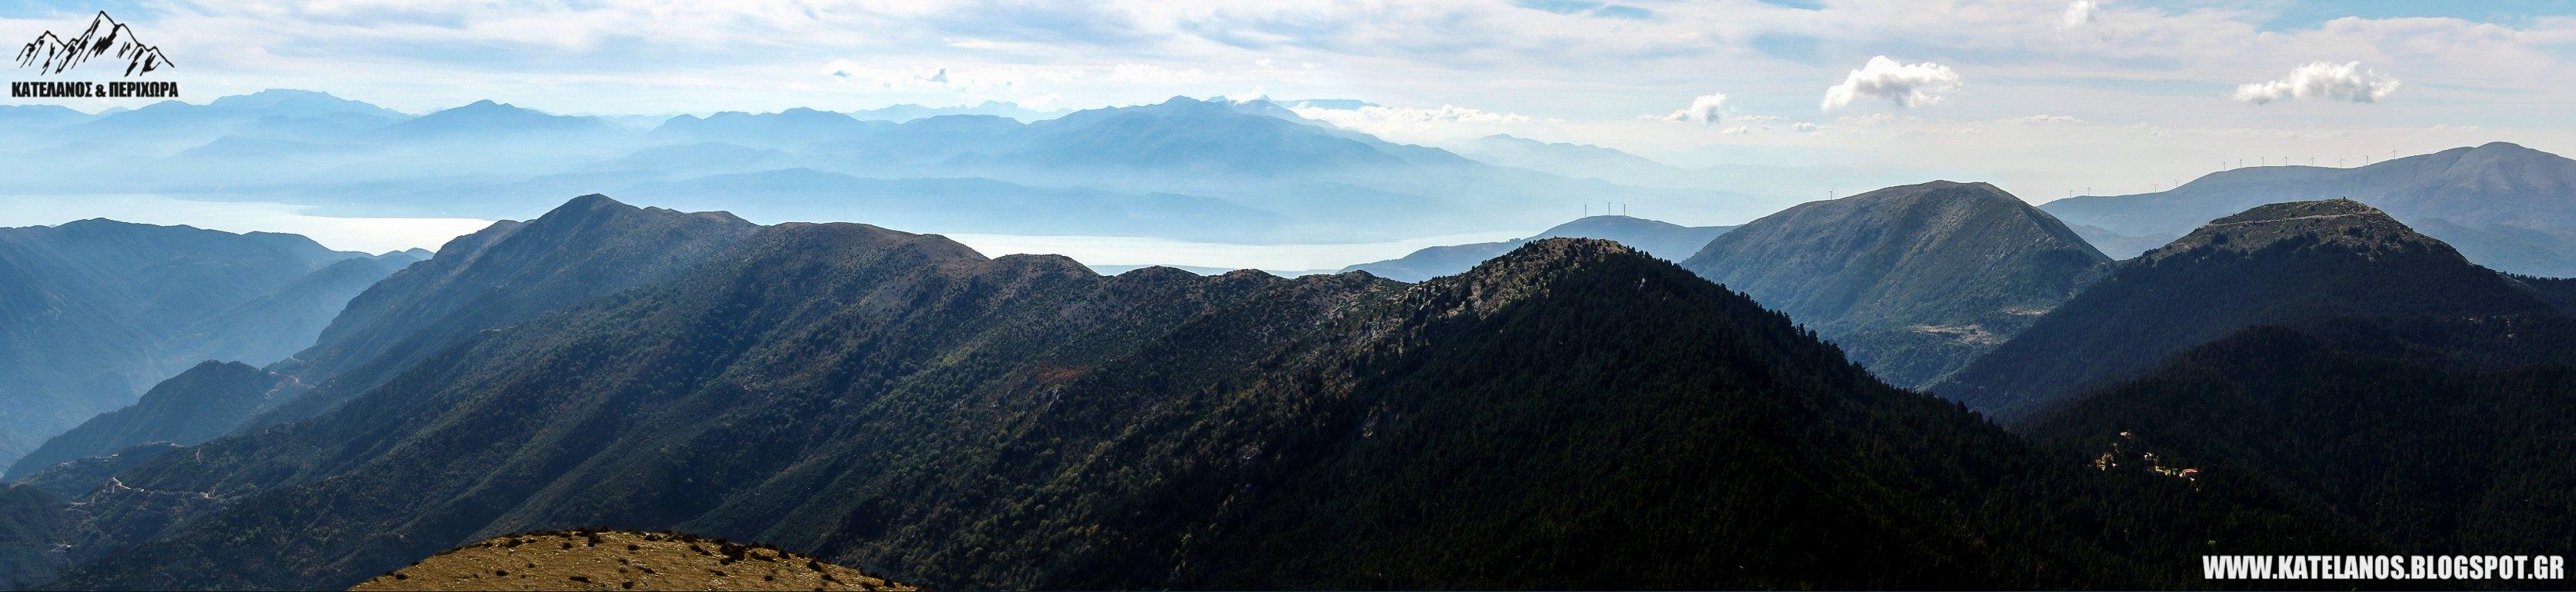 μακρυνορος ναυπακτιας μαρυορο ξηροβουνι πυλληνης αγιος κωνσταντινος βελβιτσιας βουνο